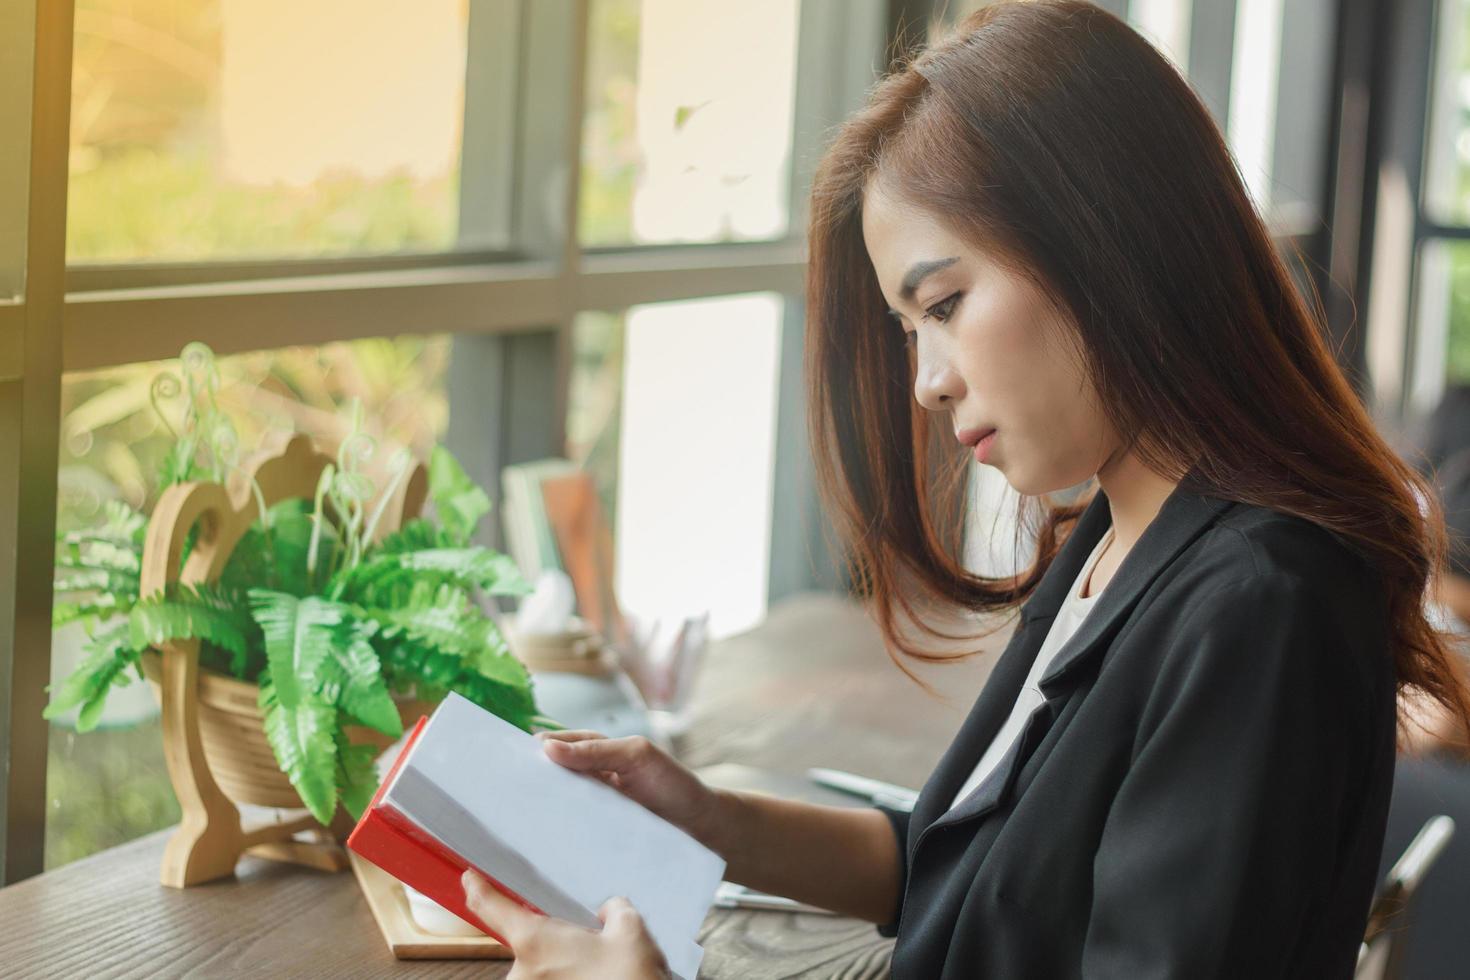 mujer leyendo notas en cuaderno foto